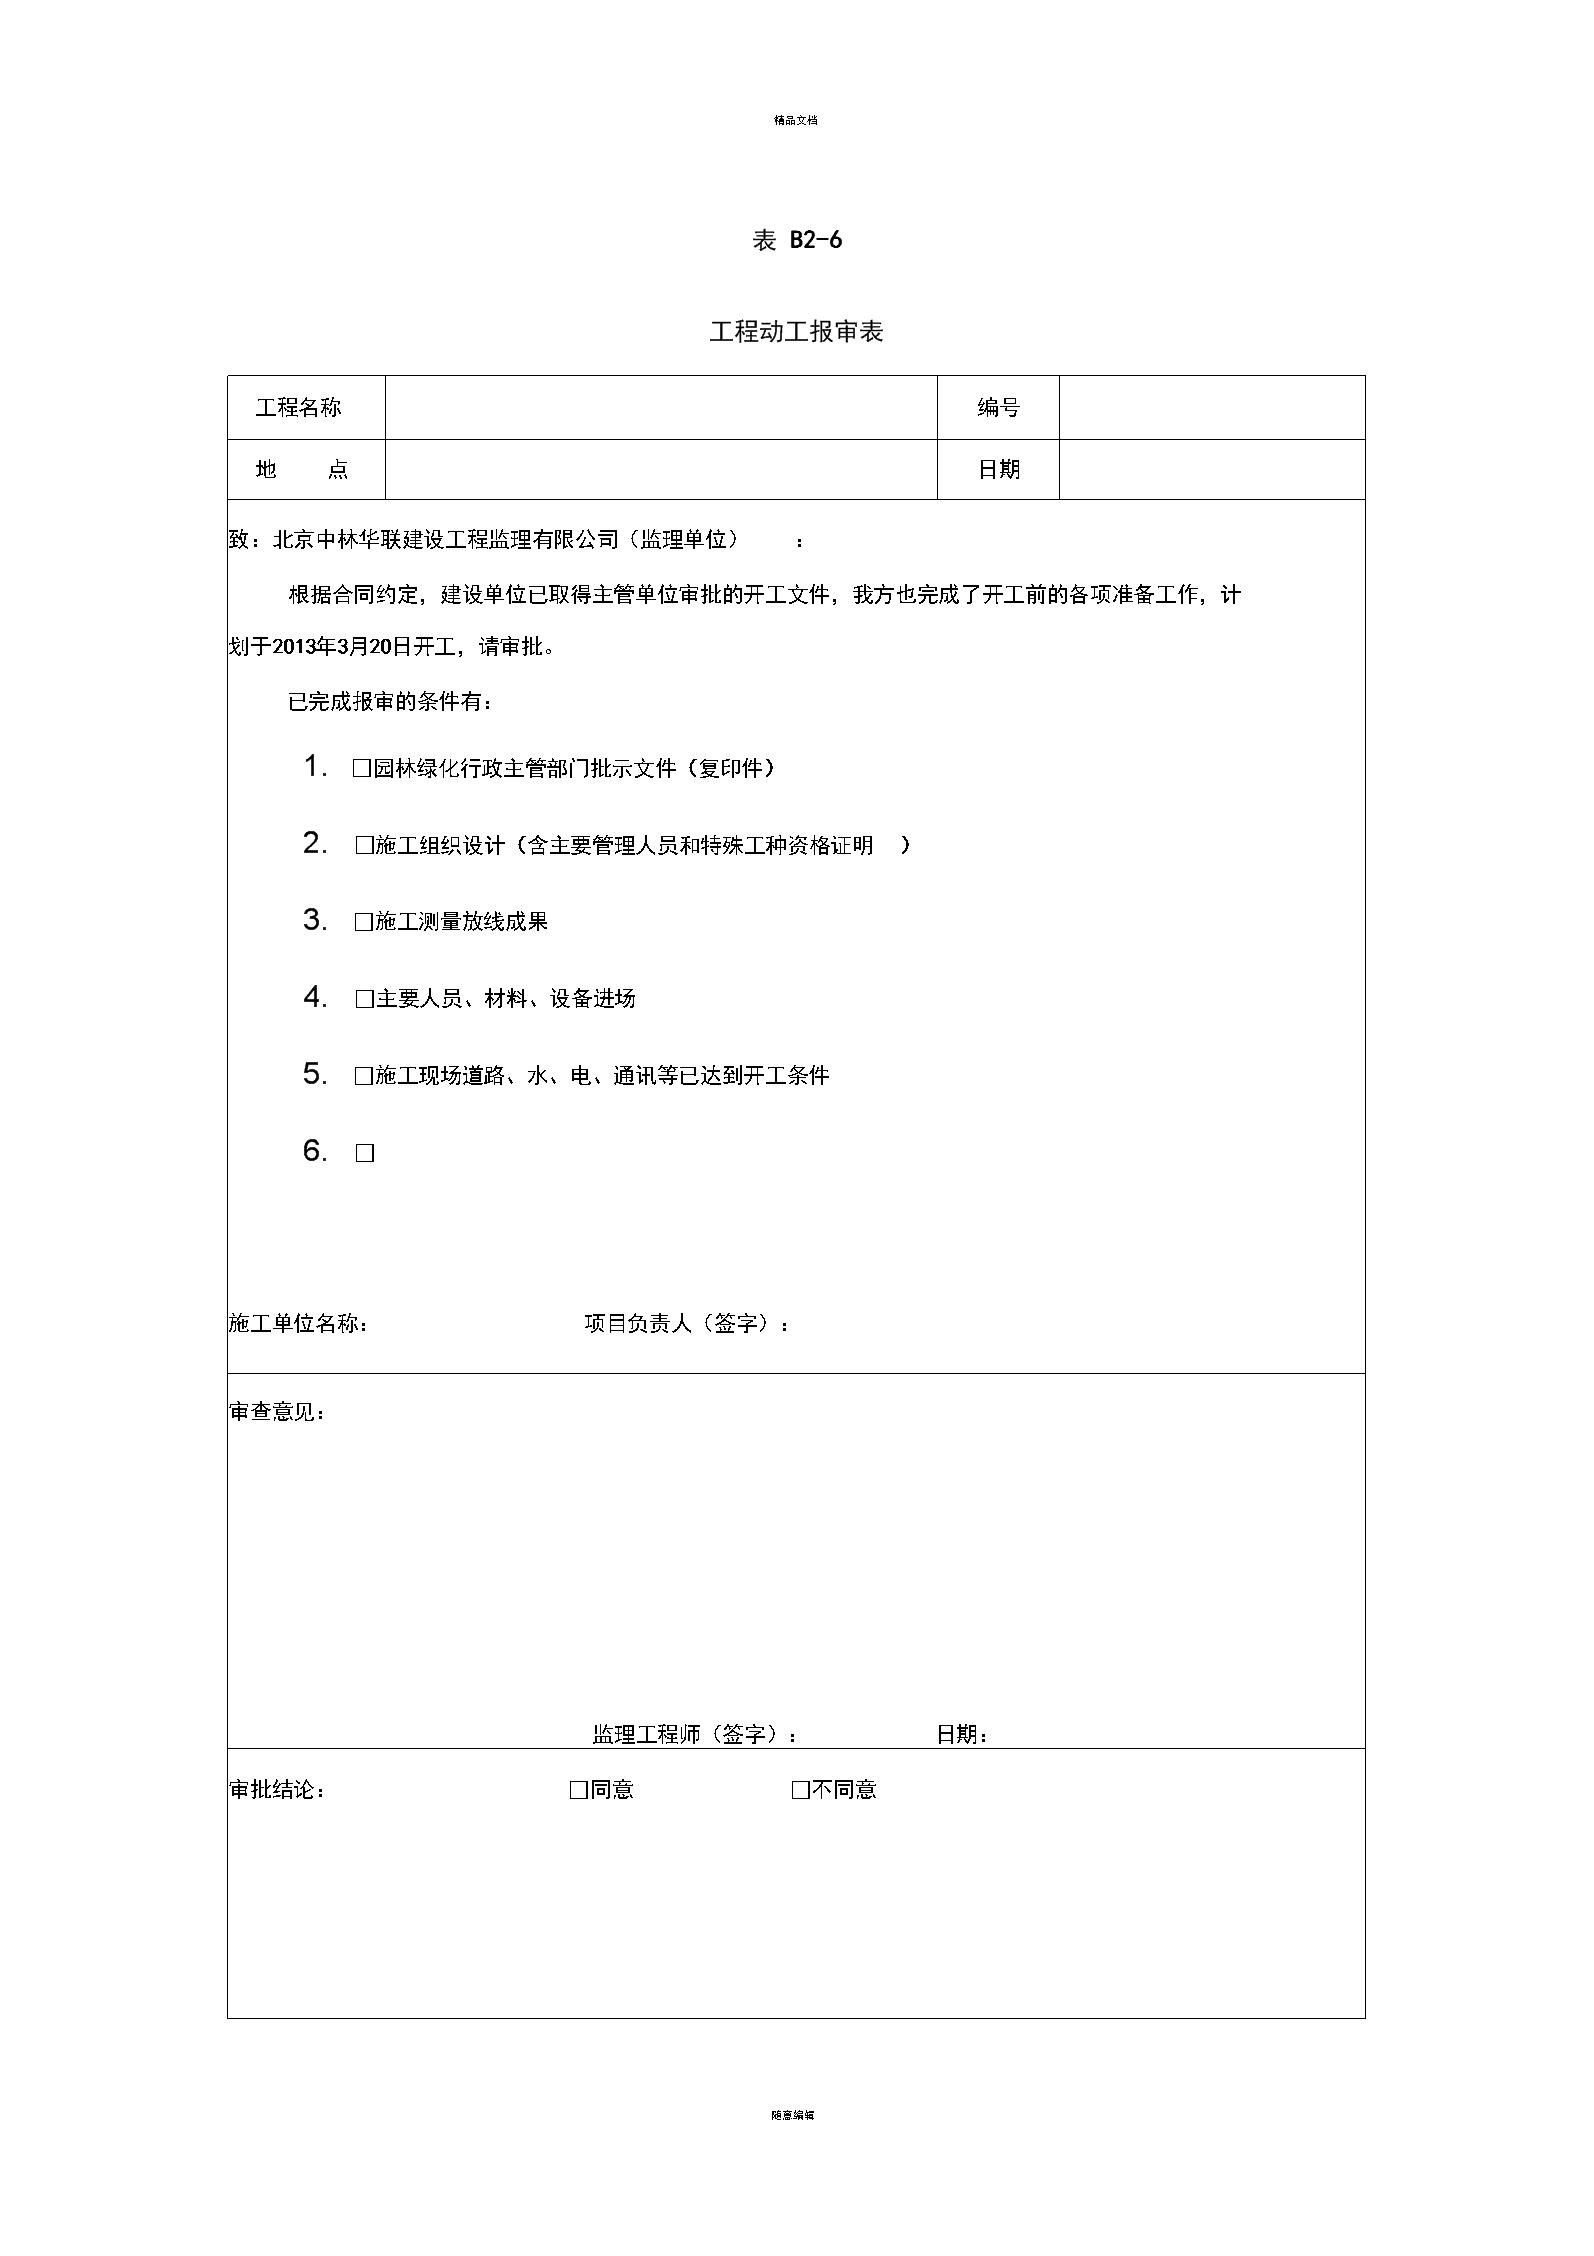 开工报告范本1.docx